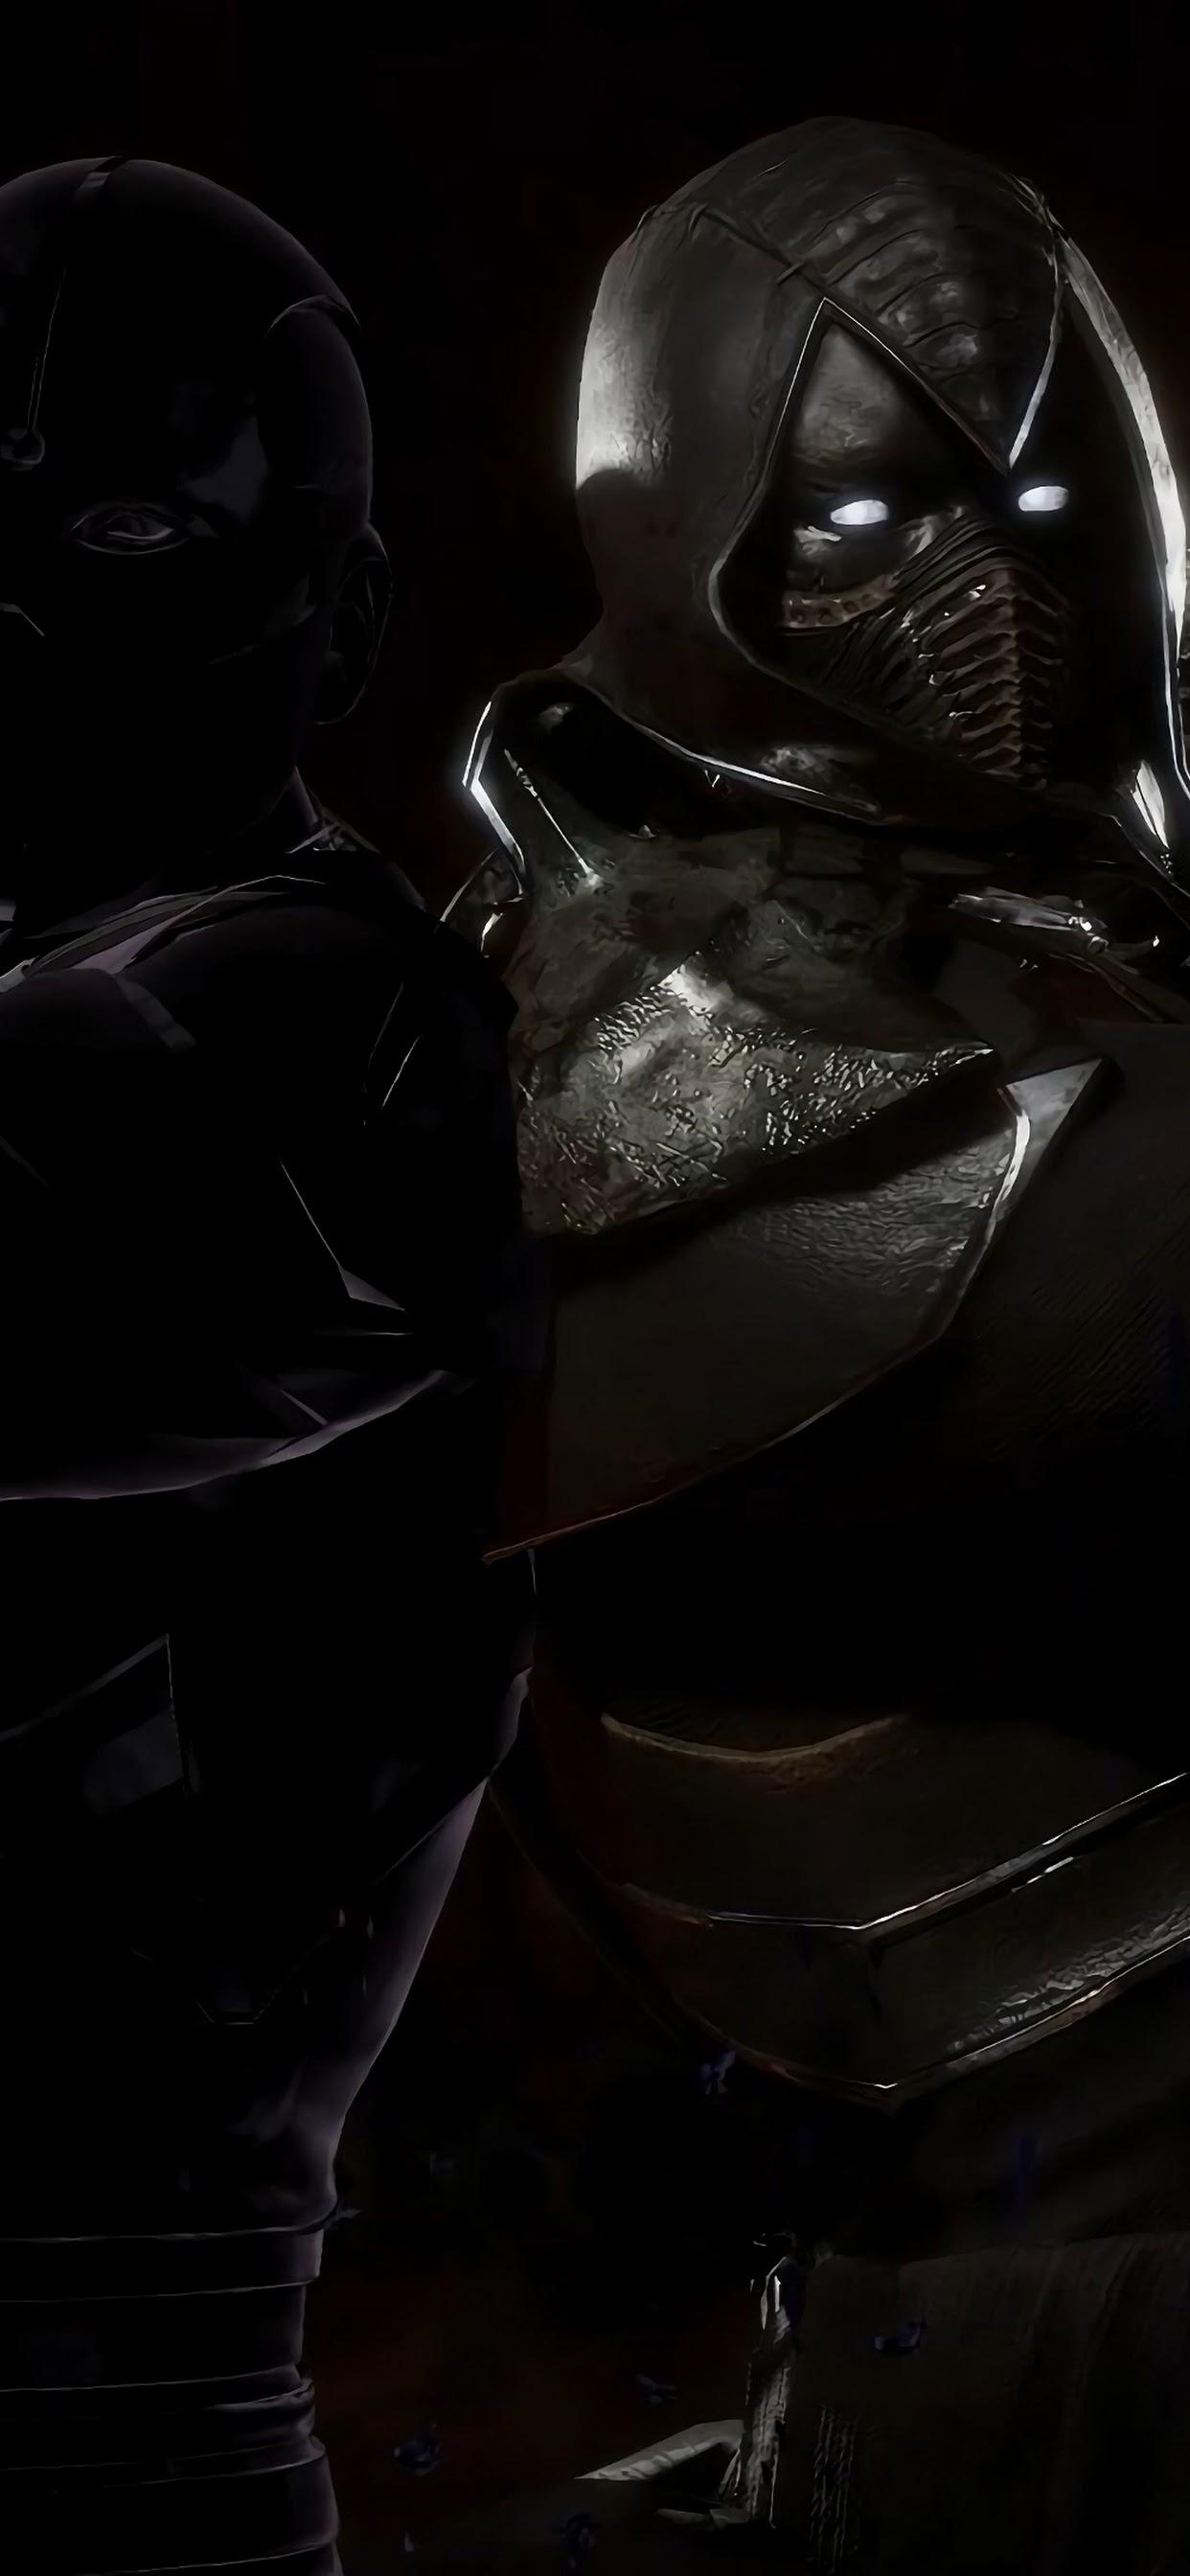 Noob Saibot Mortal Kombat 11 4k Wallpaper 64